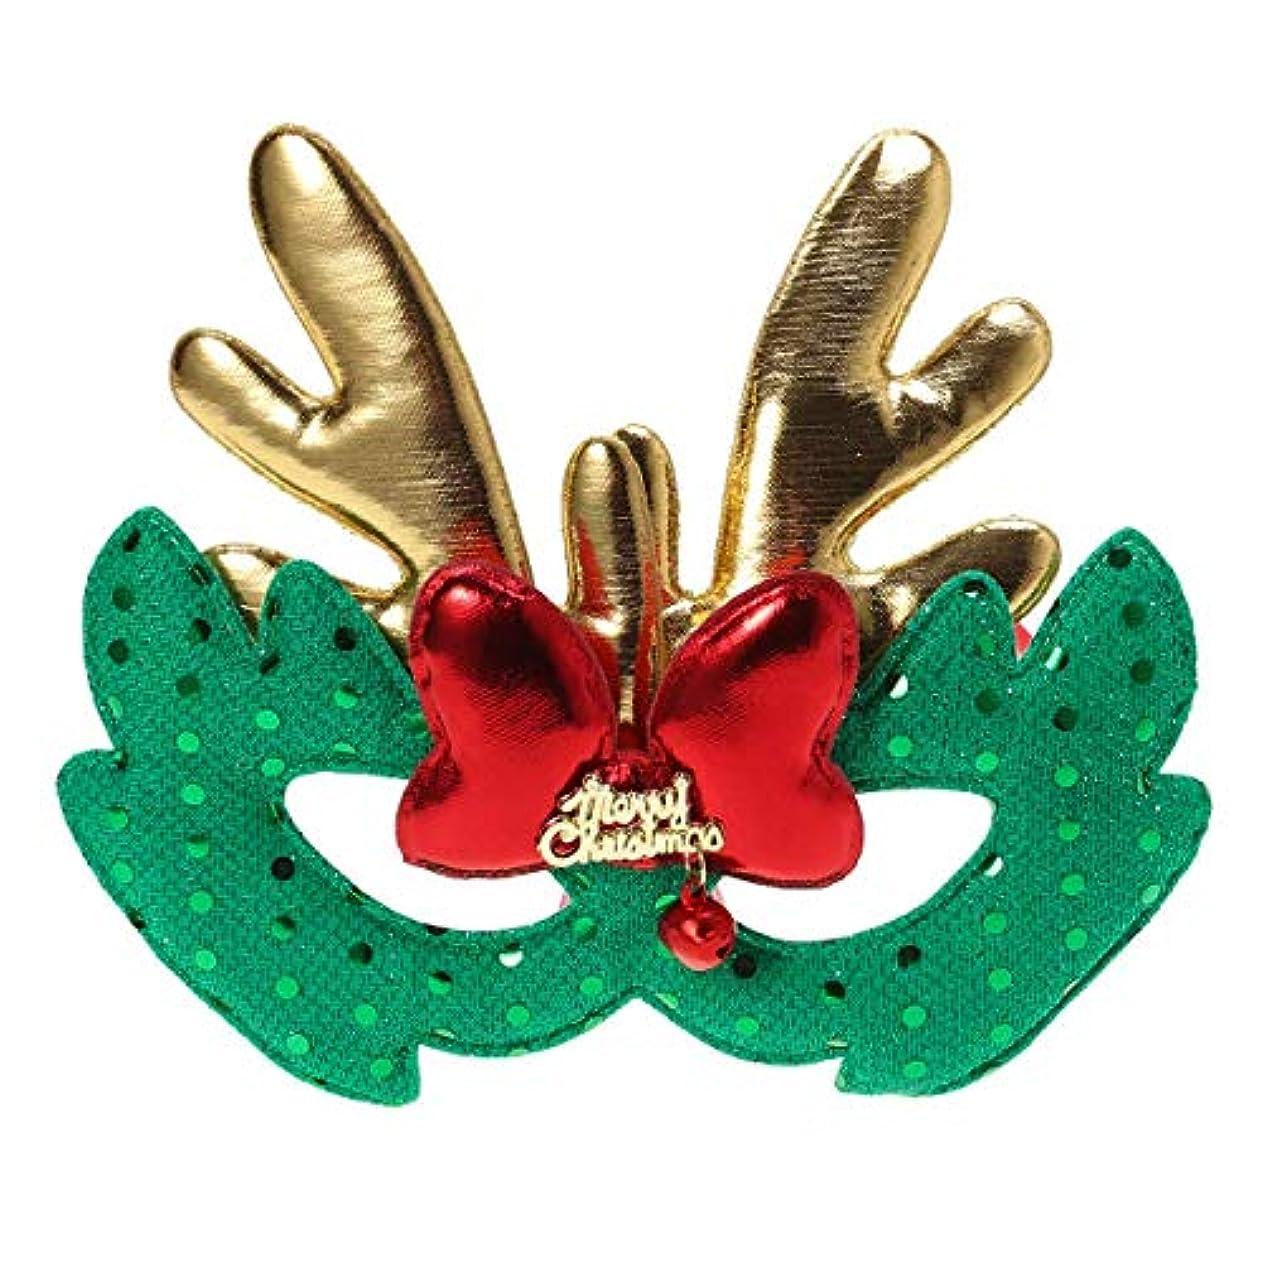 トイレ個人的に調整可能BESTOYARD エルククリスマスコスチュームマスク布マスク子供大人コスプレクリスマスパーティーグリーン